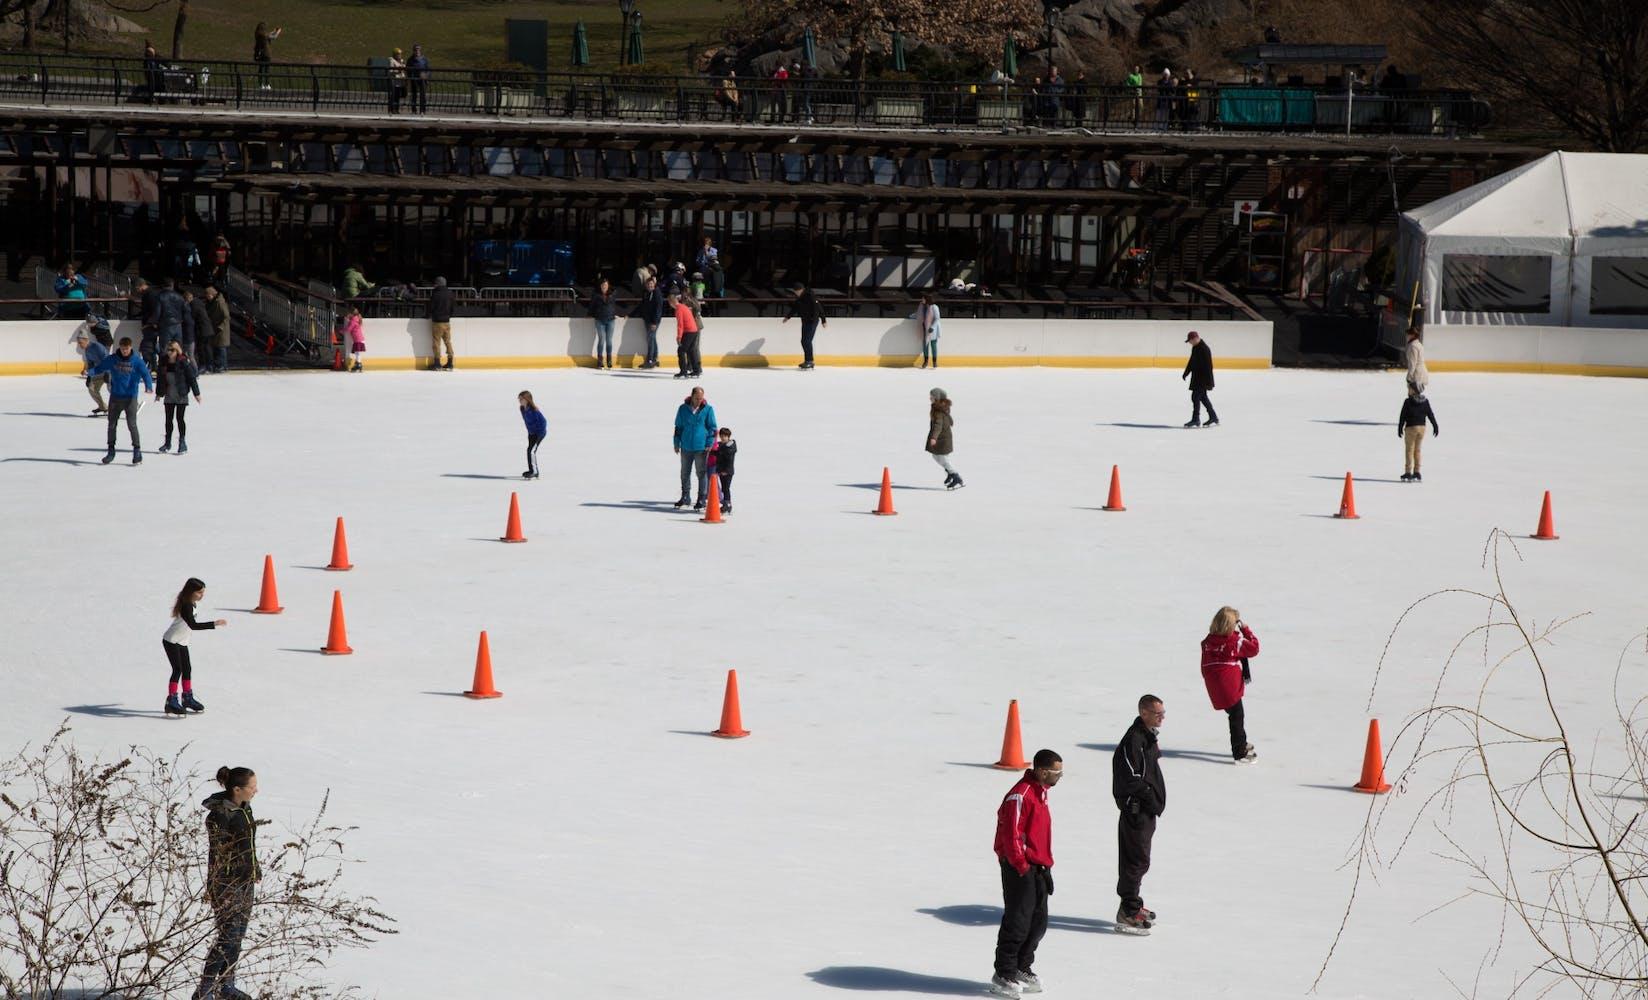 Community skate fundraiser flipgive